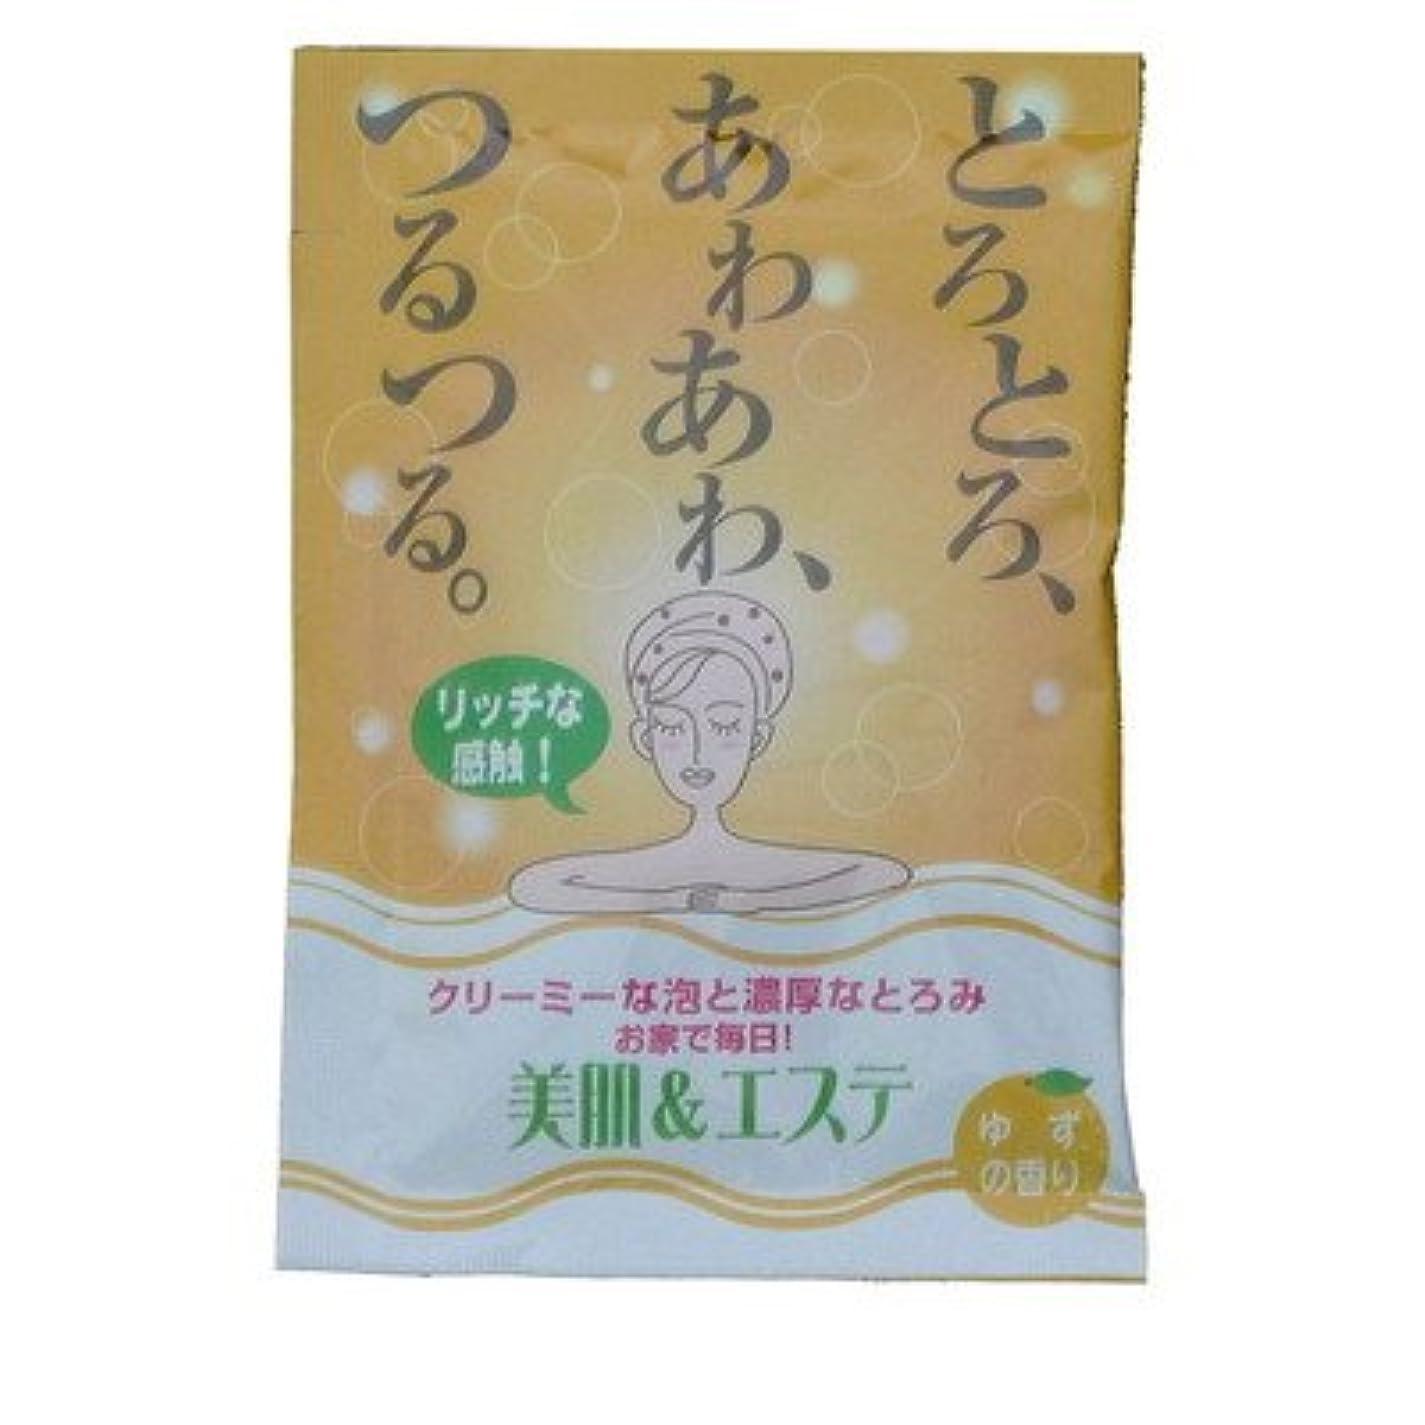 エステクリーミーバス ゆずの香り 30g 【3個パック】